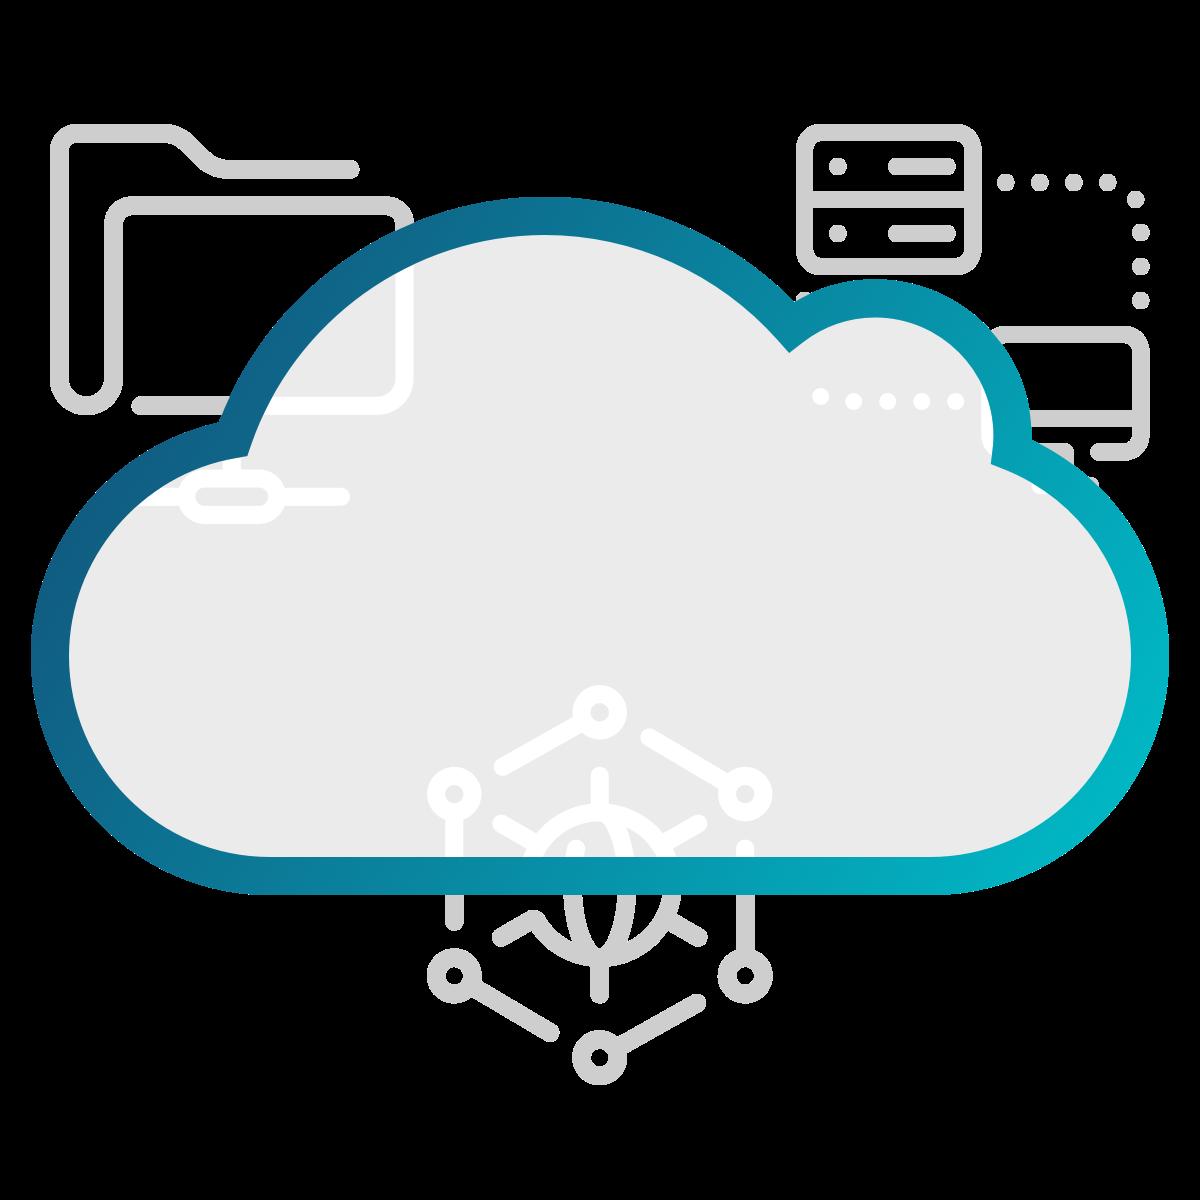 blubird-gmsp-logo-cloud.png